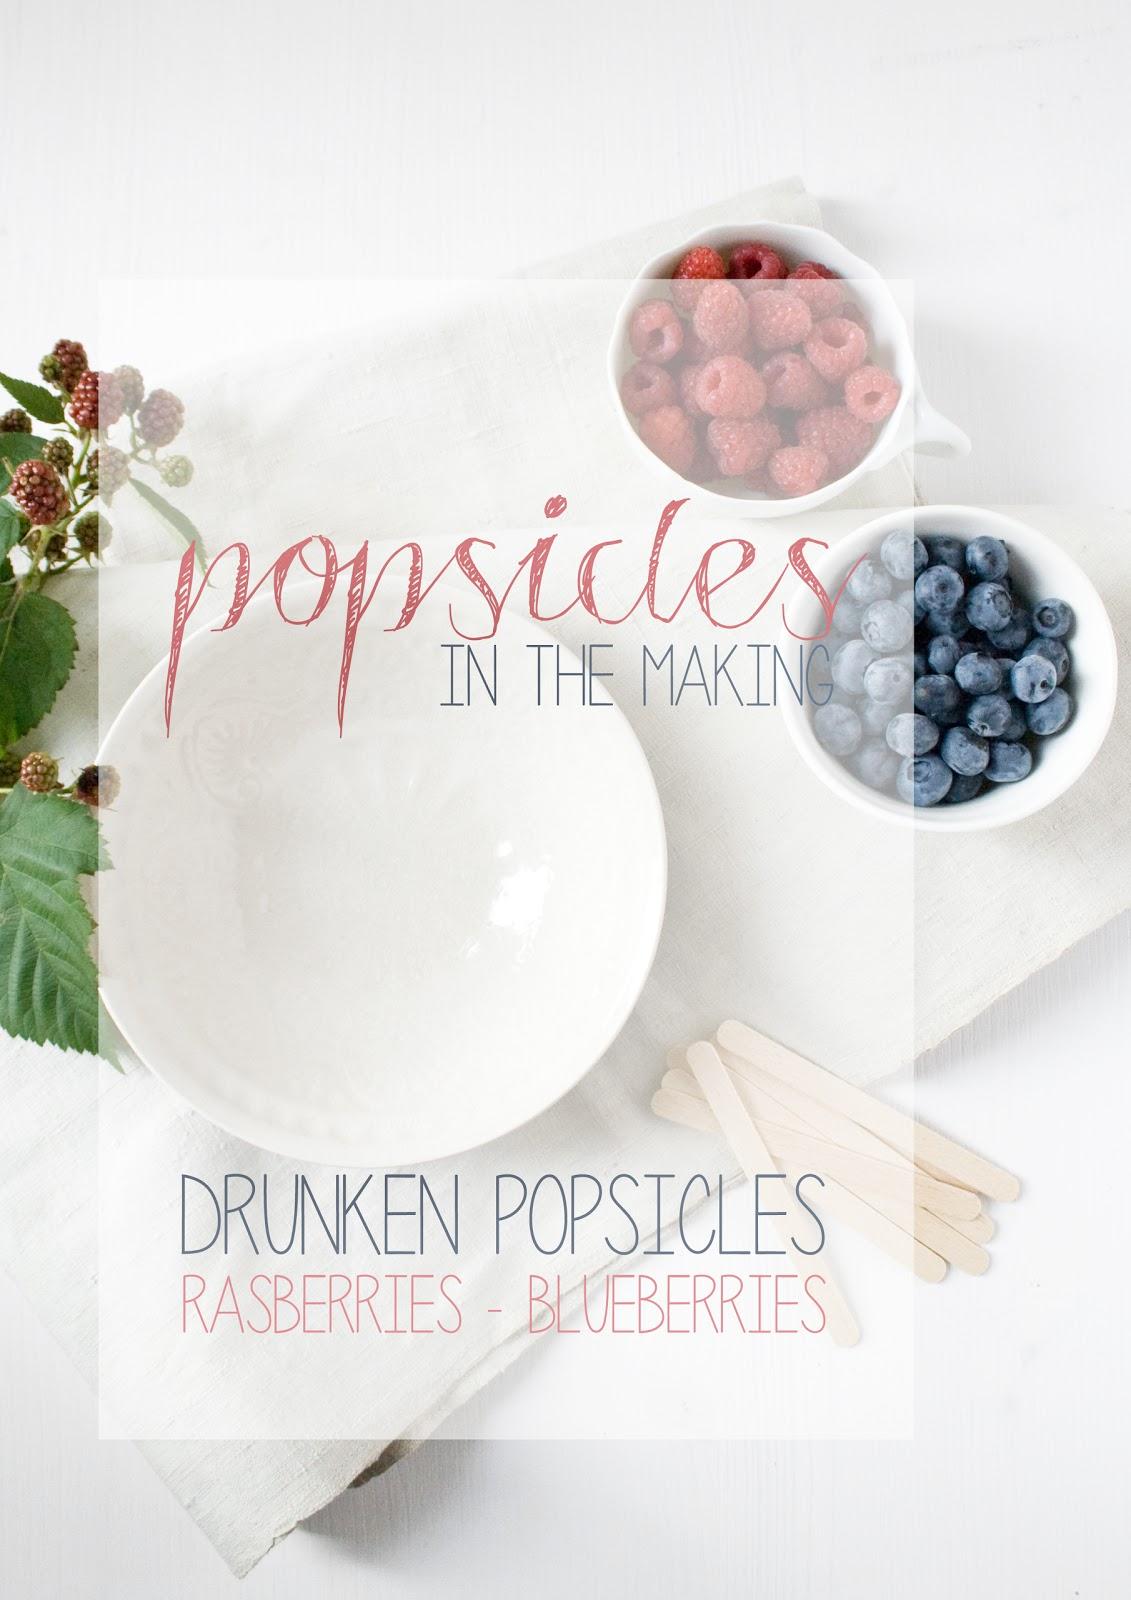 Drunken Popsicles